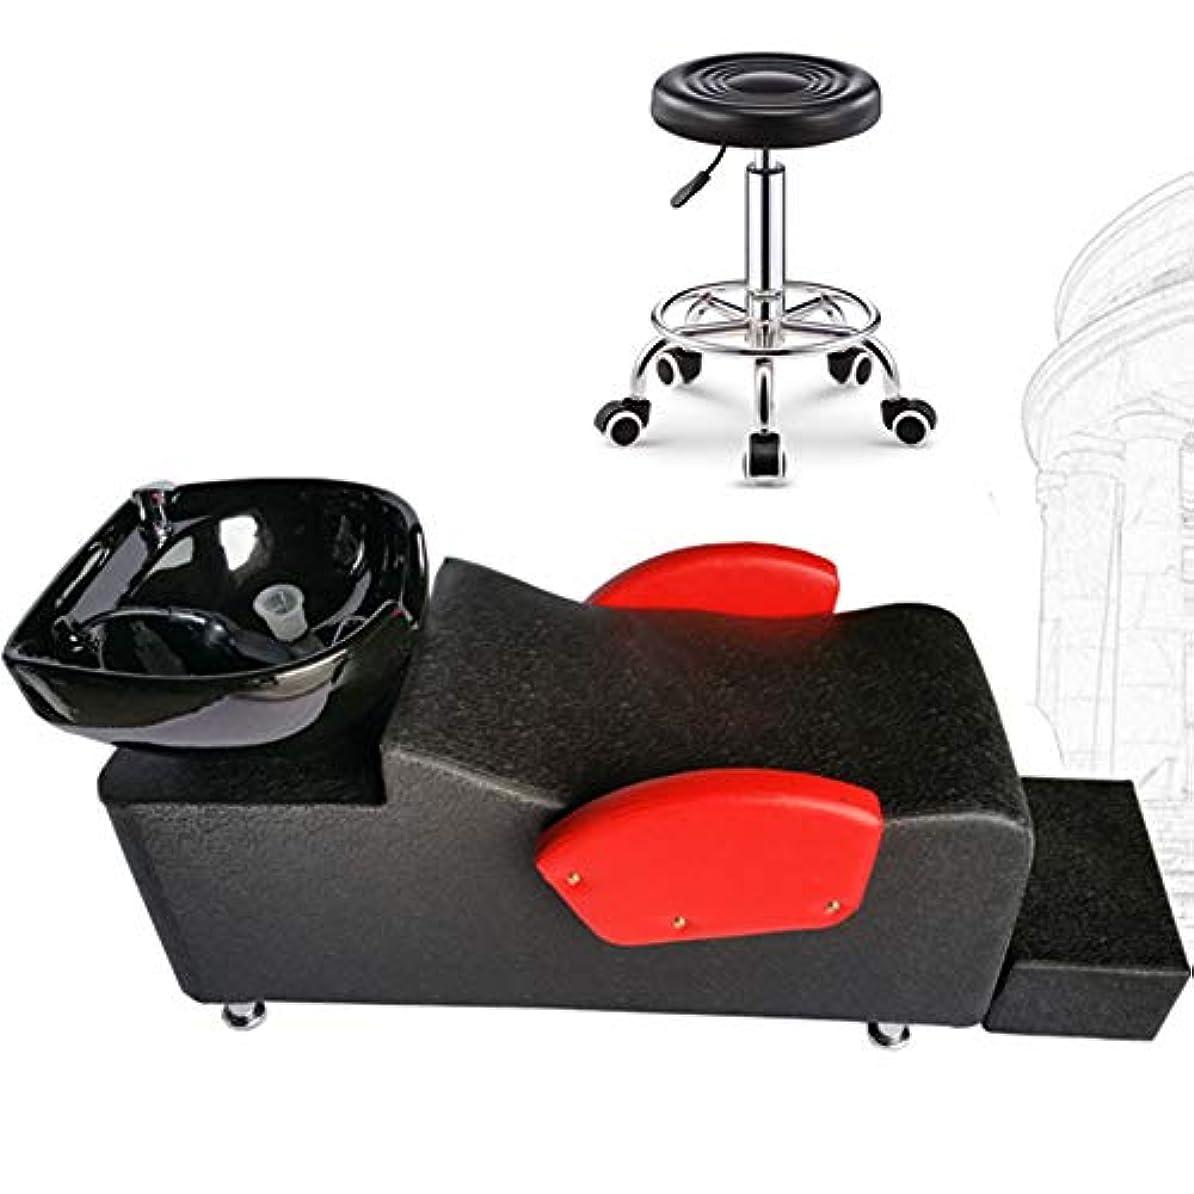 実験をする丘子孫サロン用シャンプー椅子とボウル、スパ美容室機器パンチングウォーターベッドチェア用の逆洗ユニット理髪シンクチェア